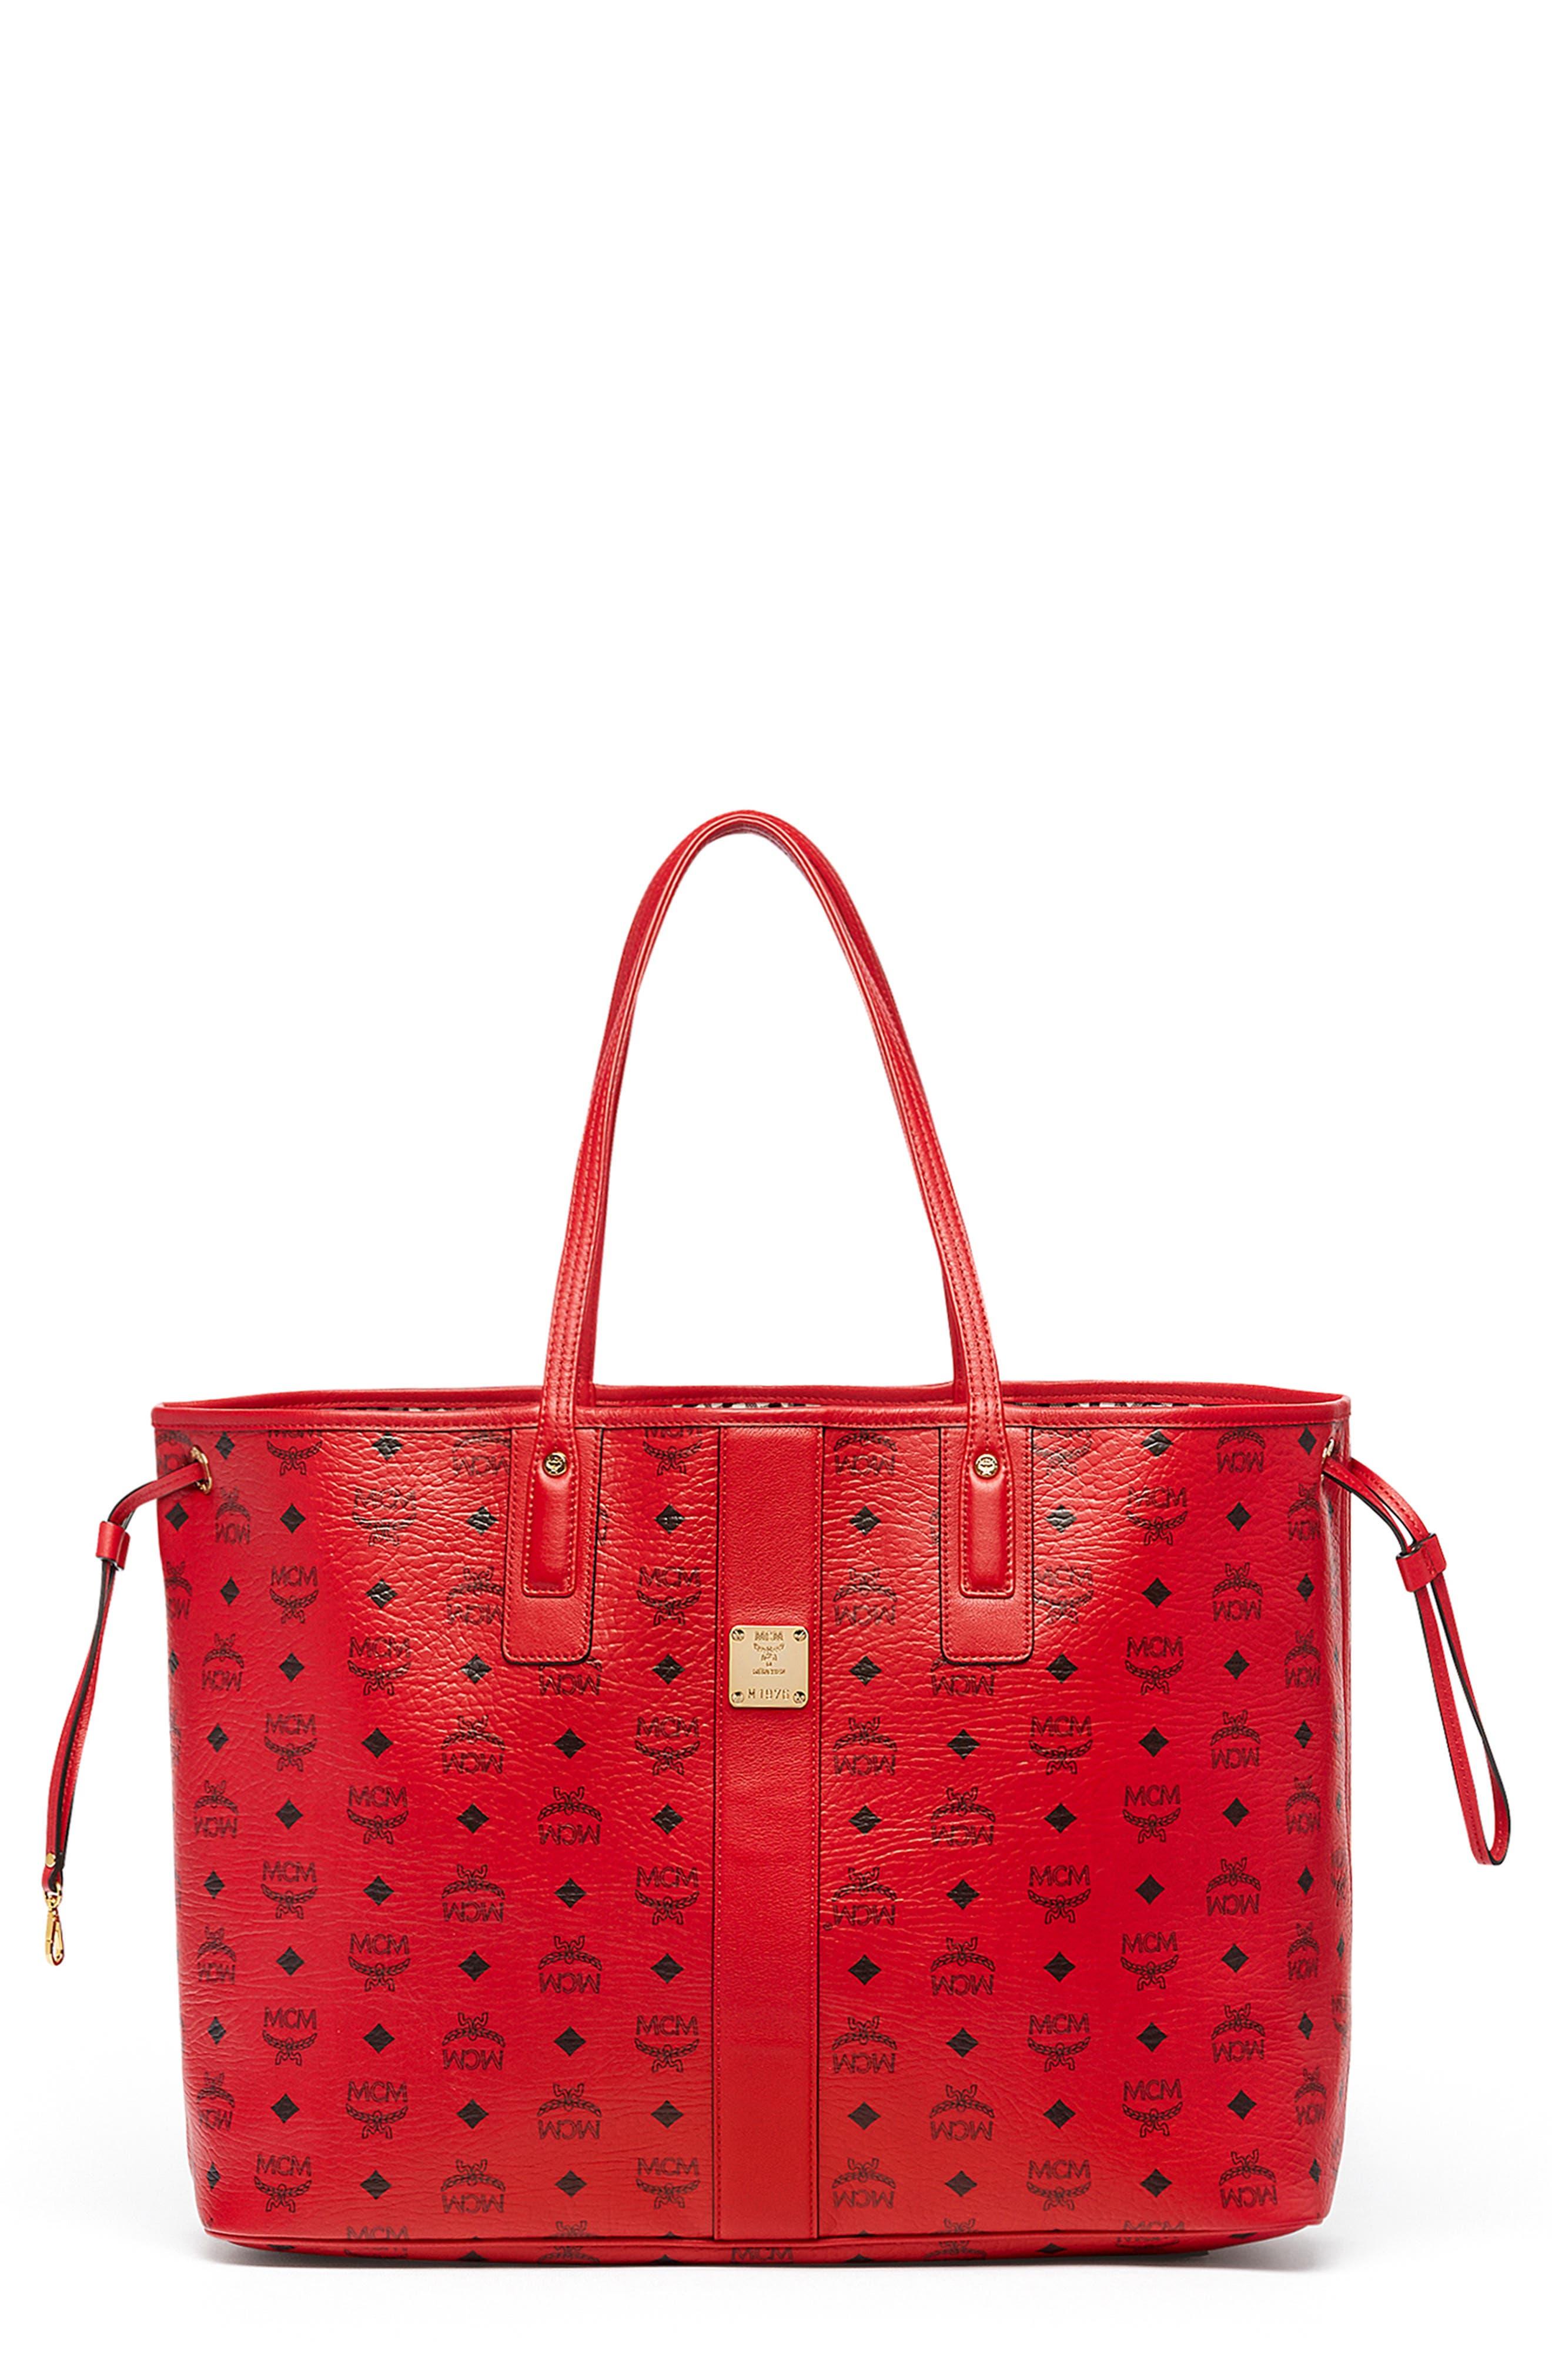 Womens red designer handbags wallets nordstrom izmirmasajfo